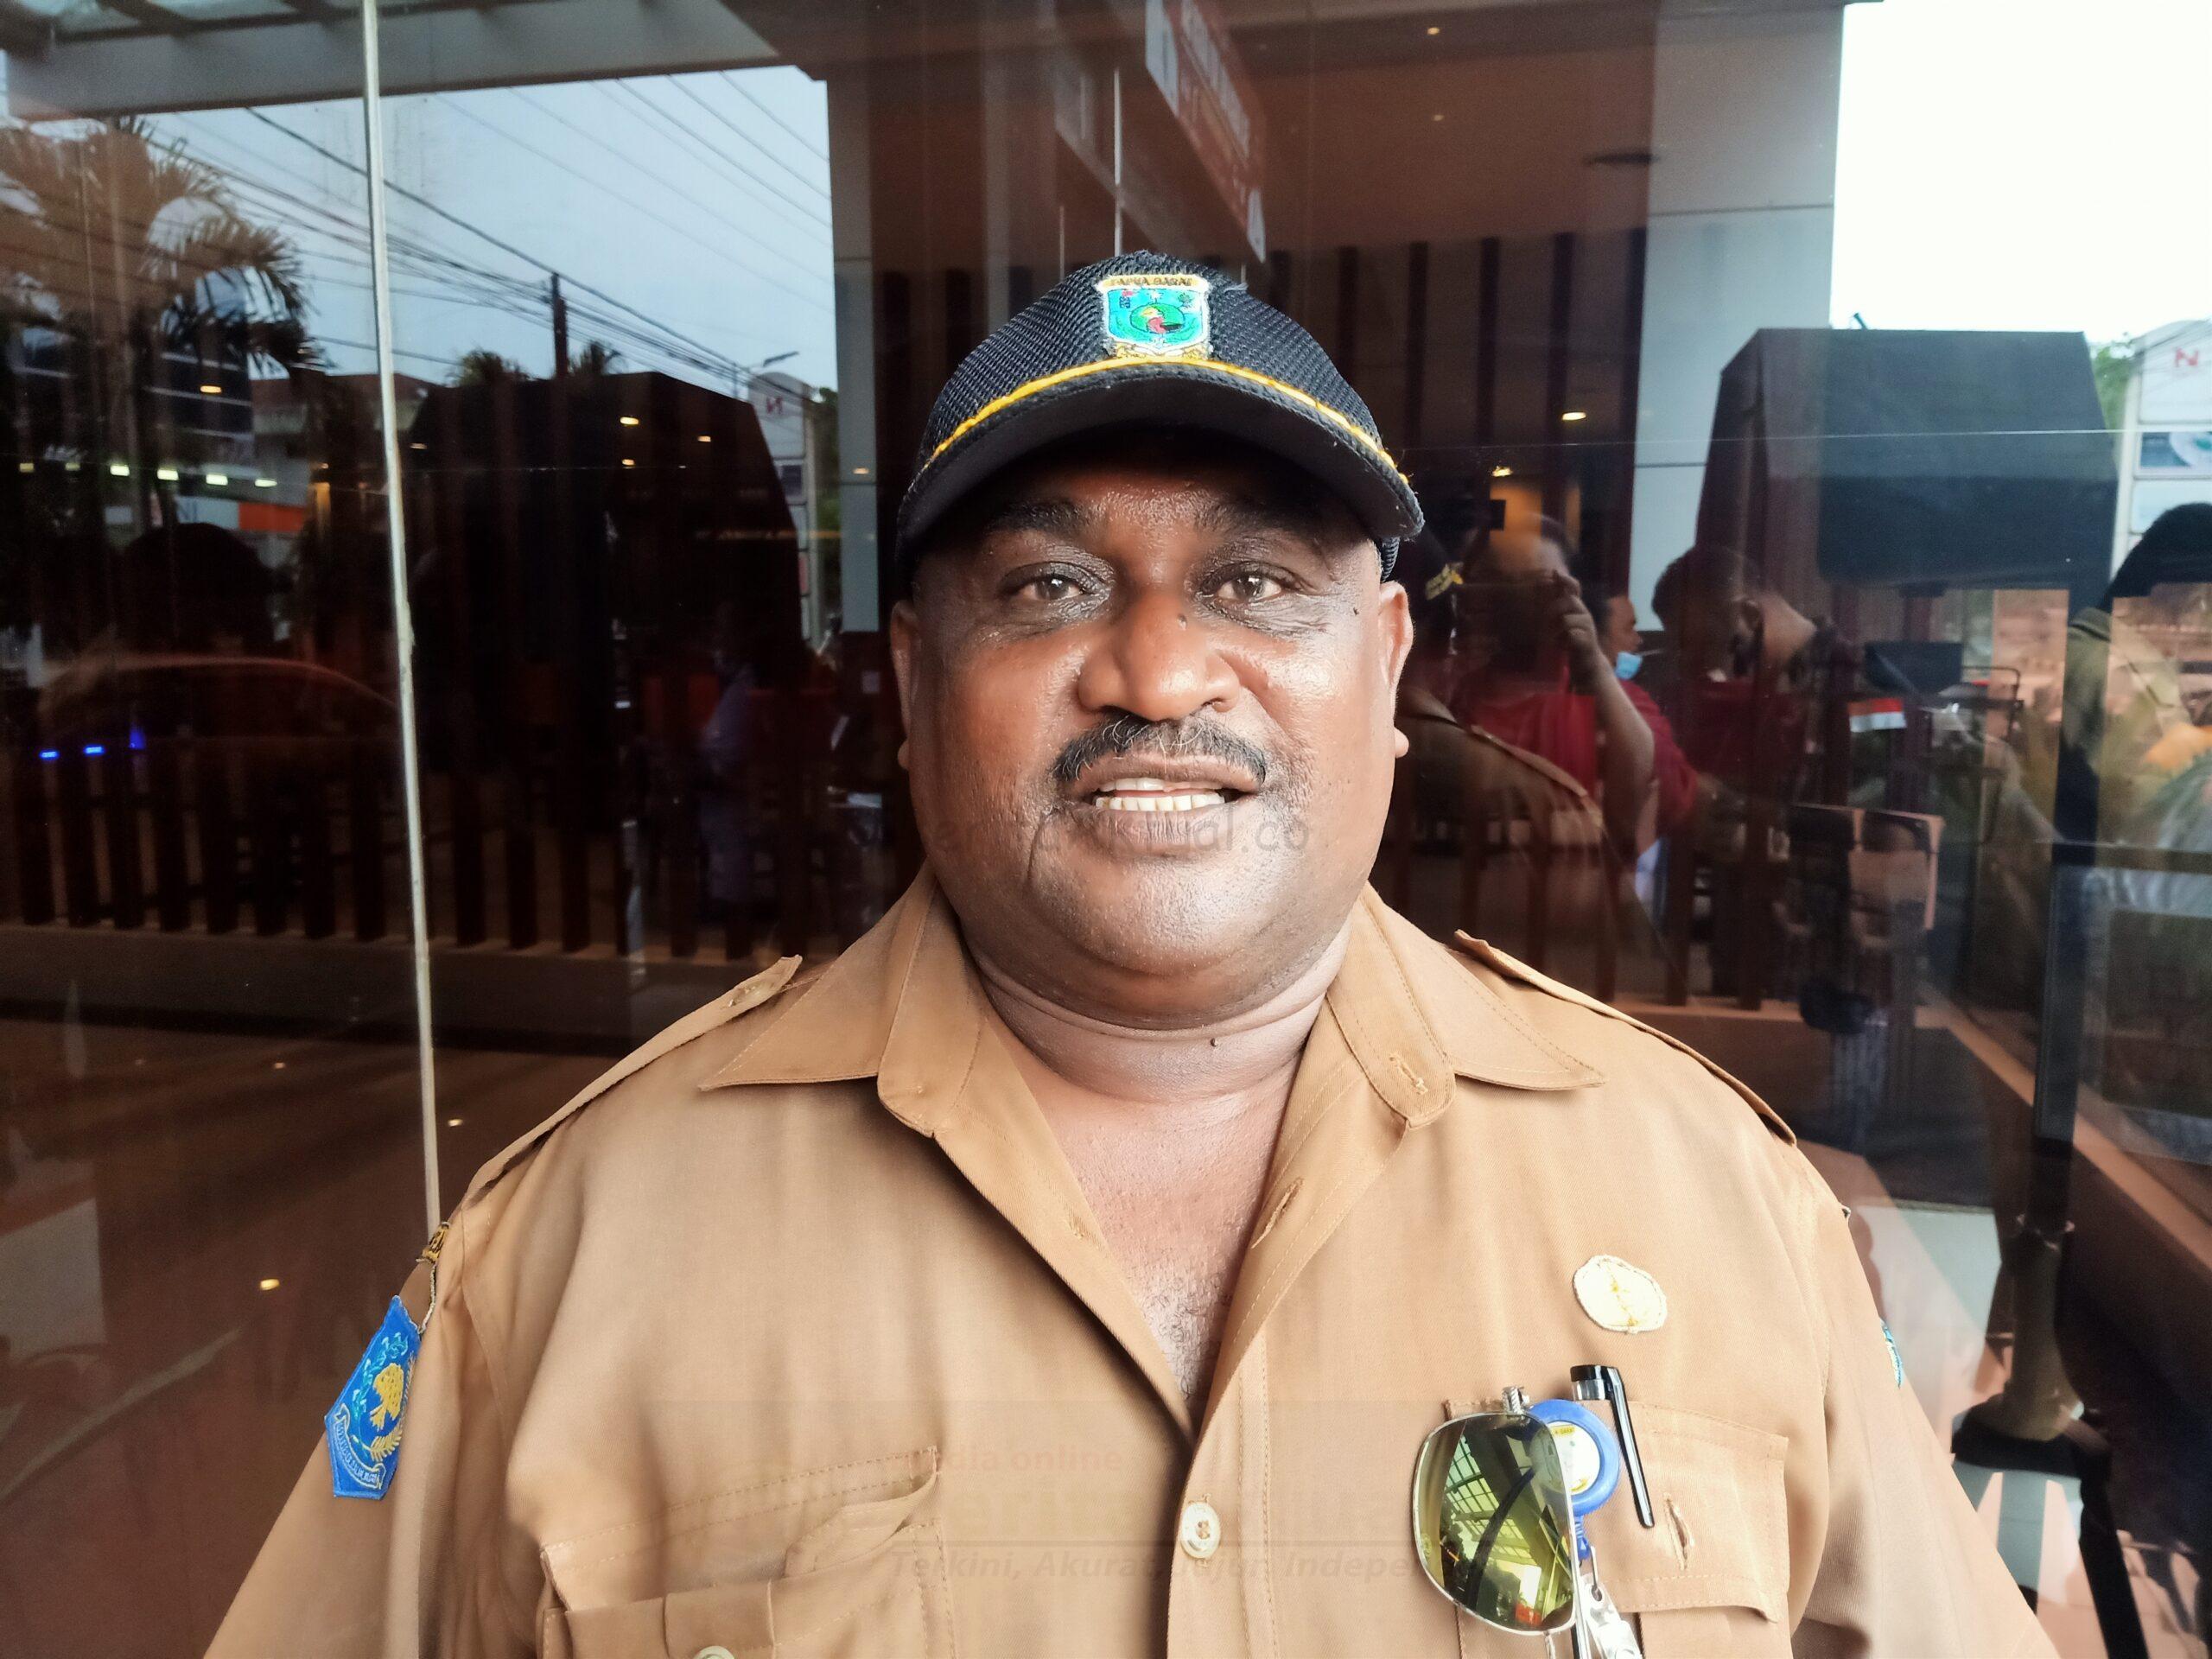 Dinsos Papua Barat, Salurkan Dana KPM dan BST Untuk 39.905 KK 17 IMG20210104164305 scaled